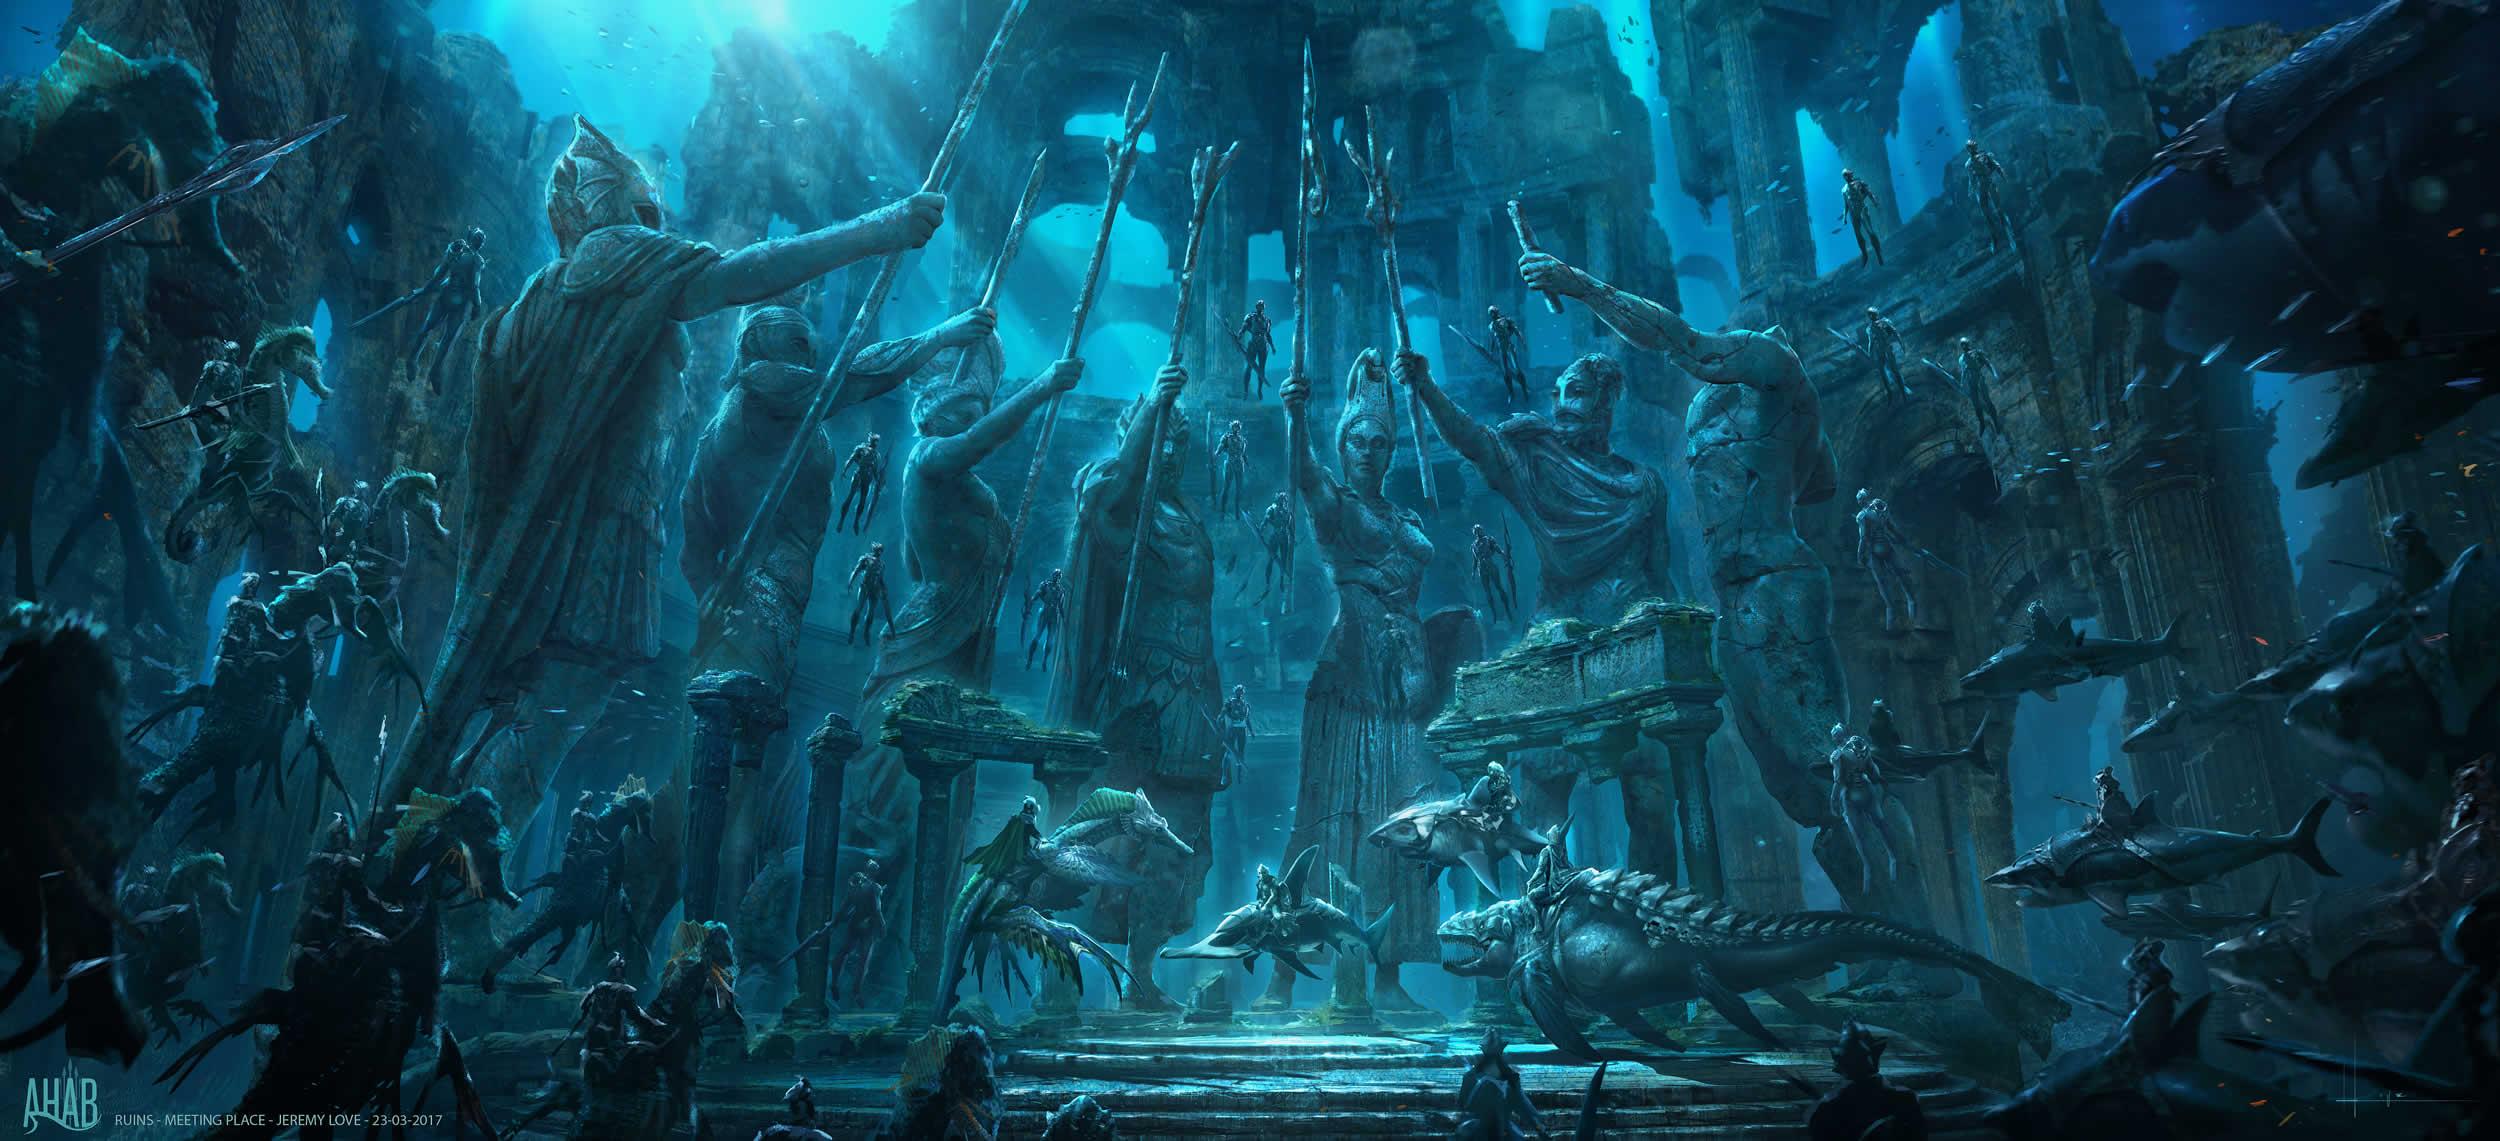 《水行俠》故事中的亞特蘭提斯王國,據傳有可能就在百慕達三角區域。